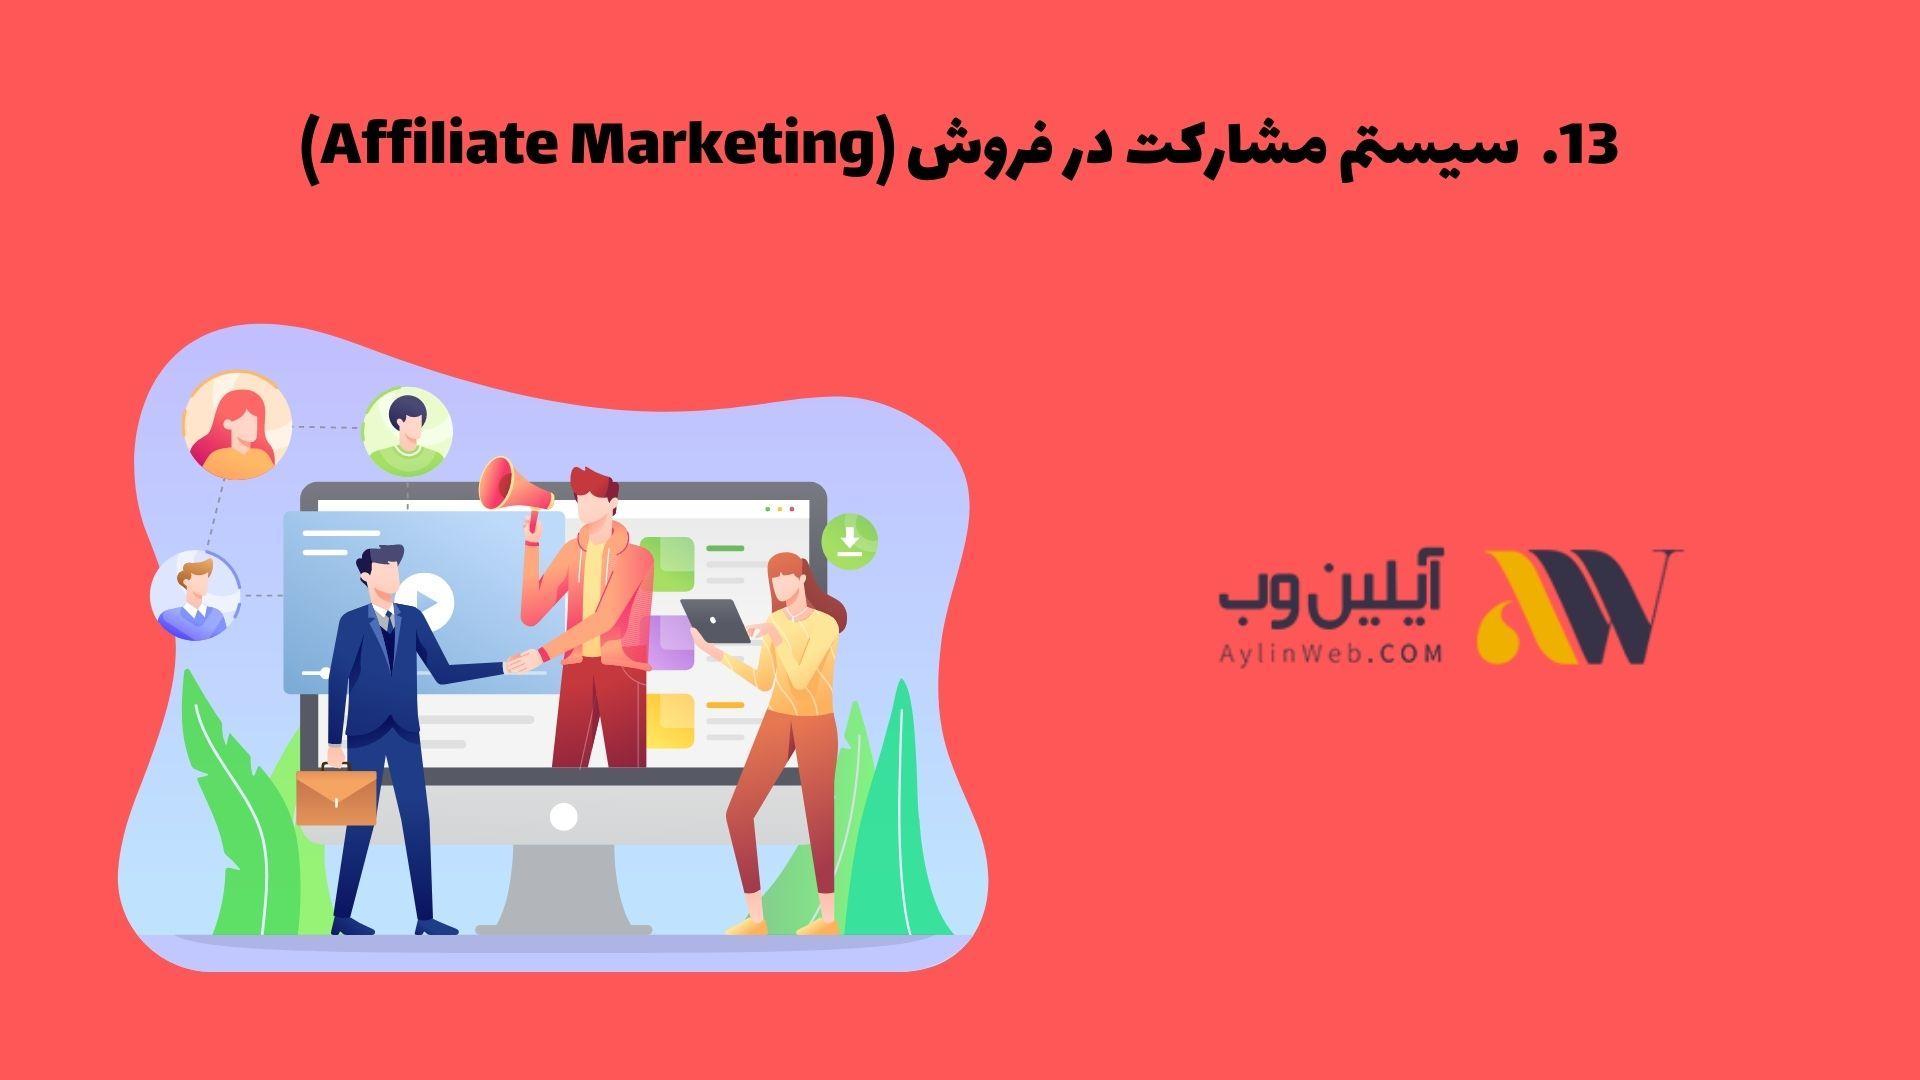 سیستم مشارکت در فروش (Affiliate Marketing)